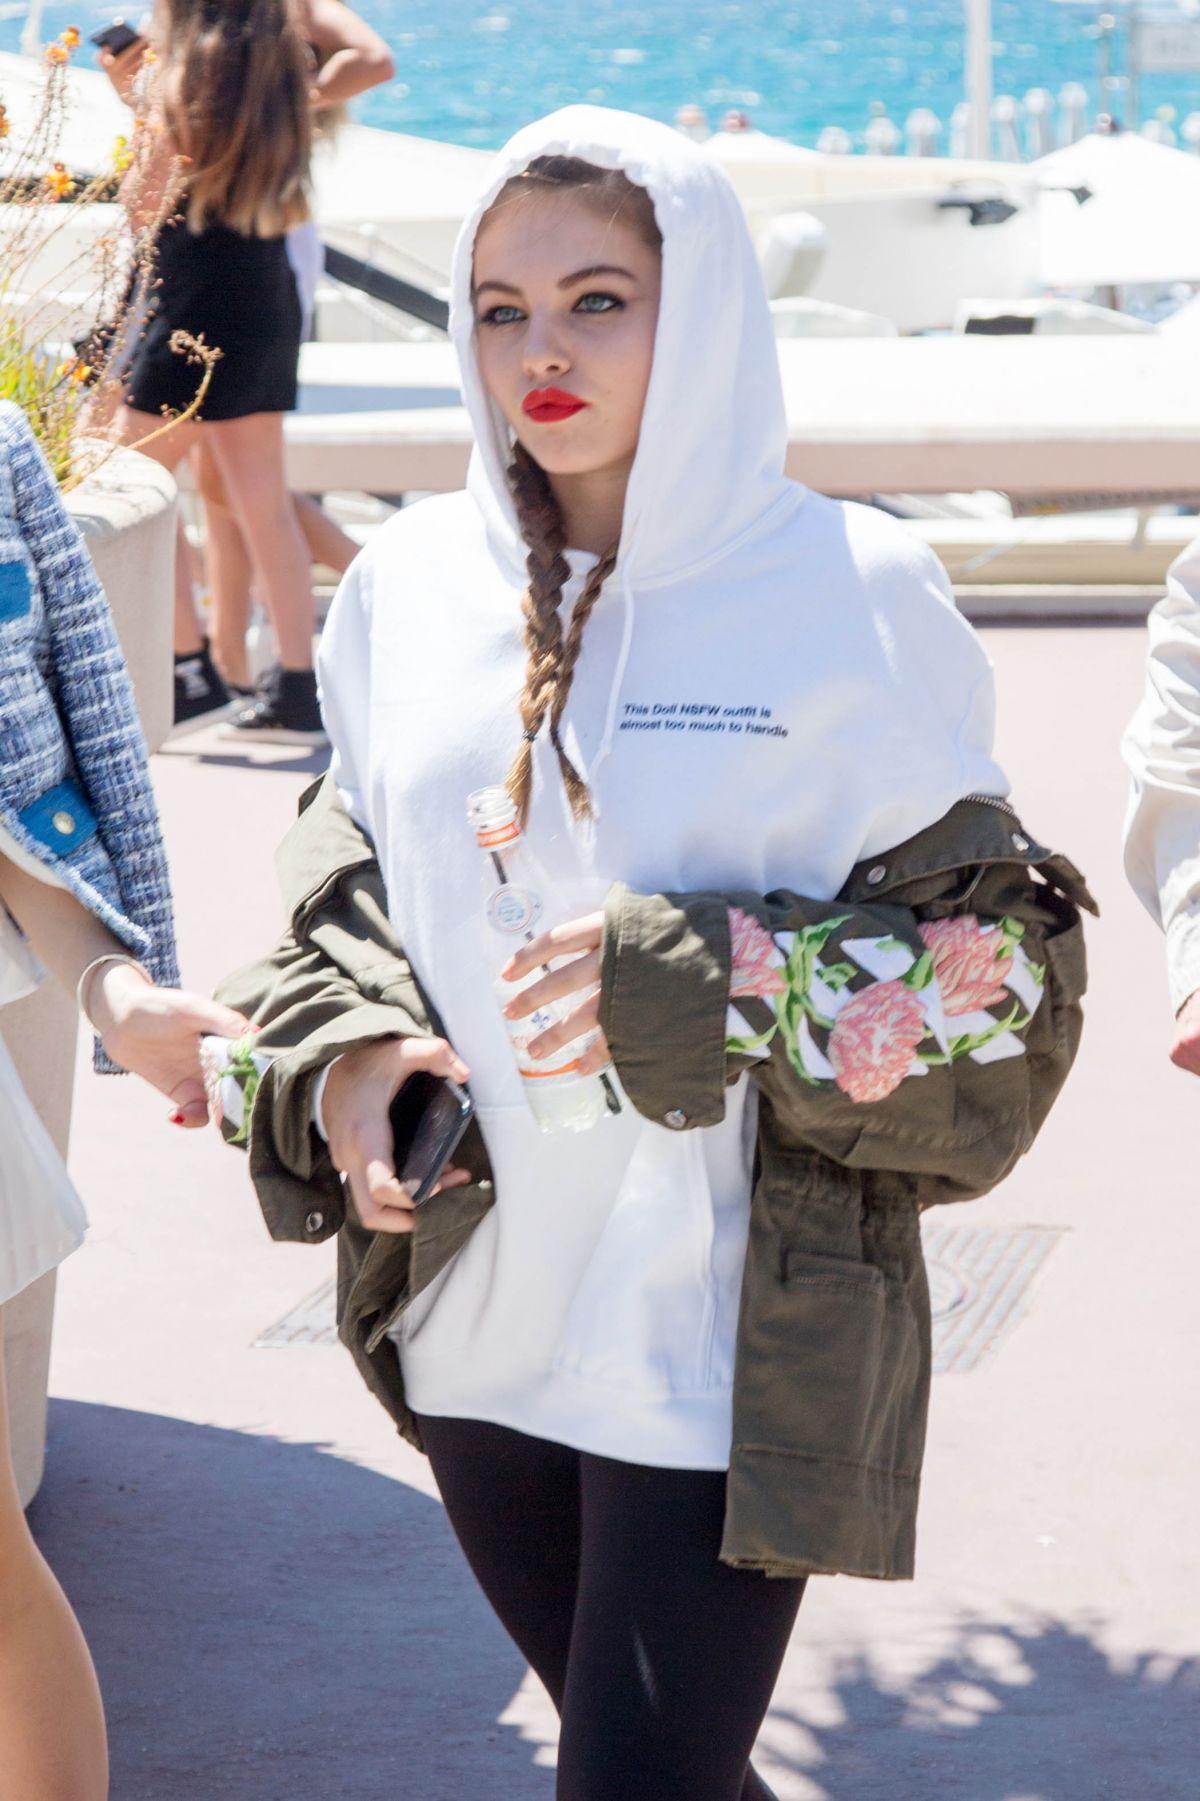 phong cách thời trang cá tính của người mẫu Thylane Blondeau 14